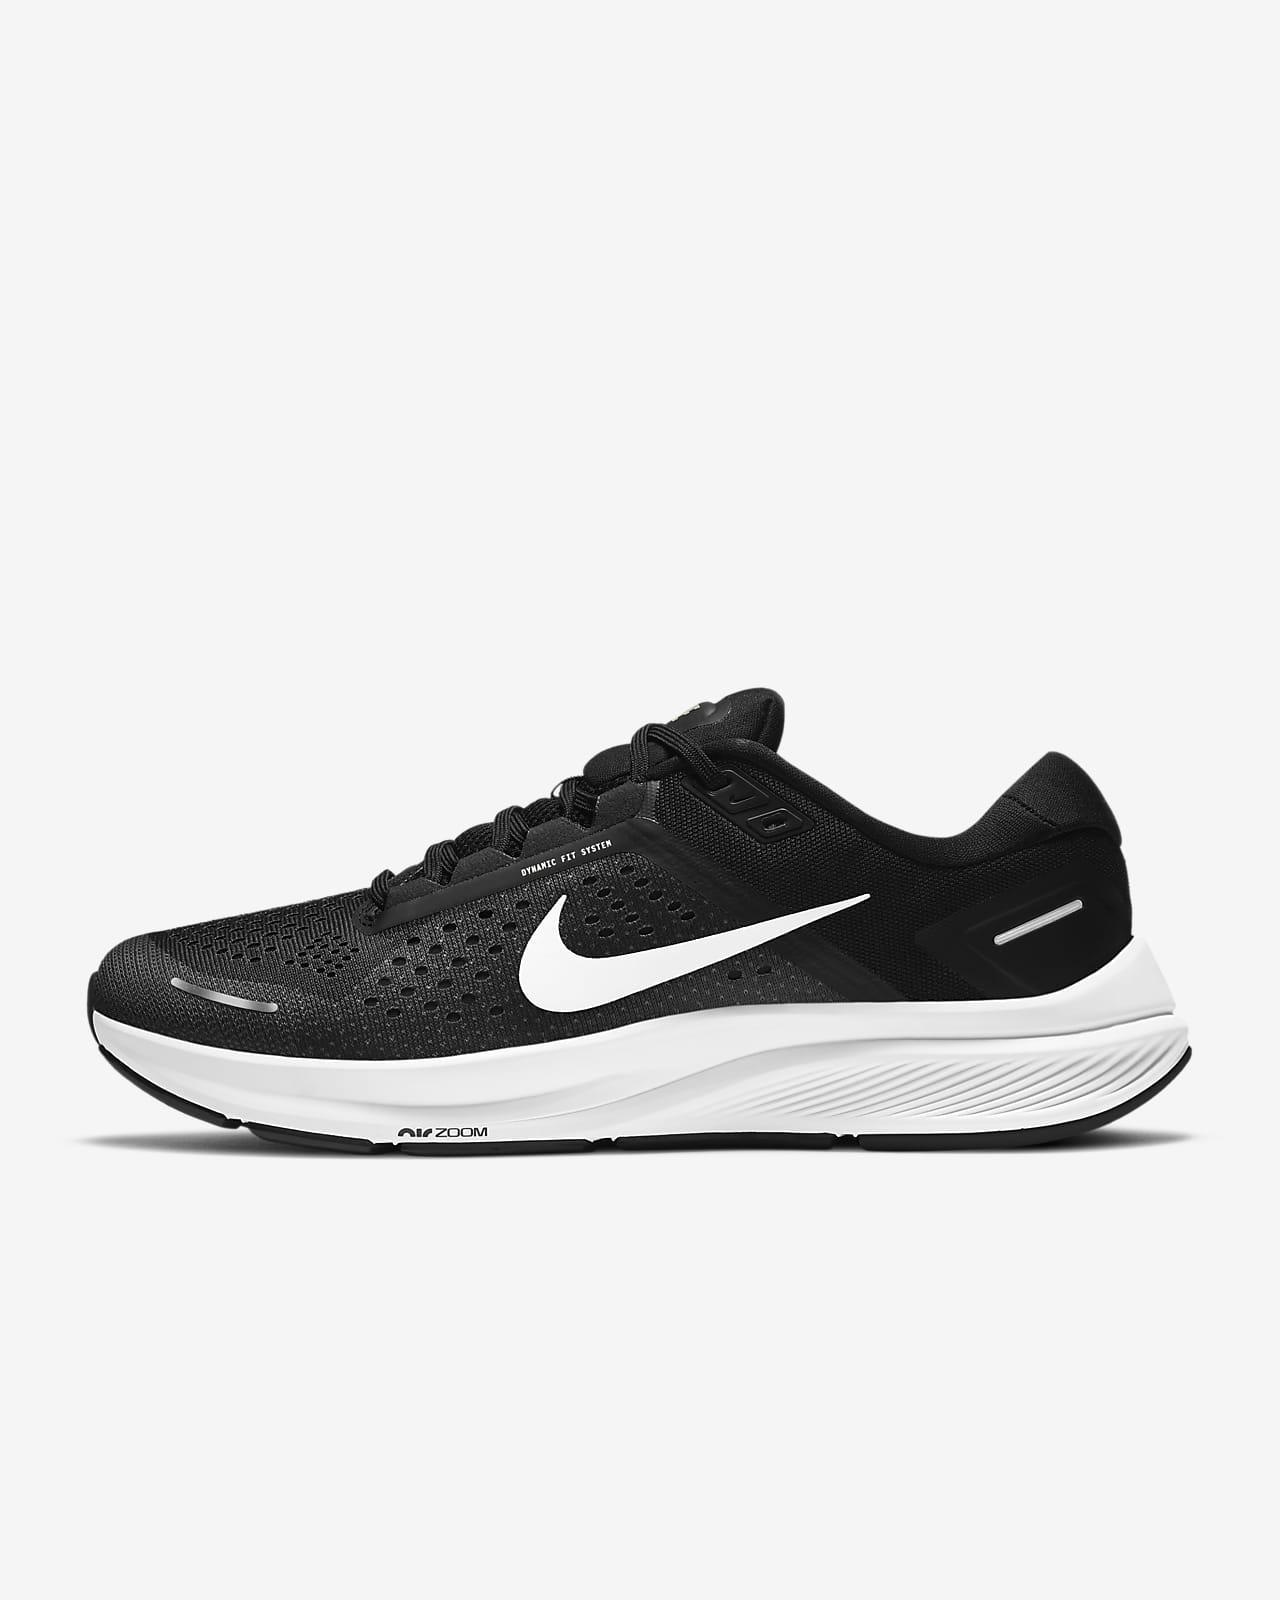 Pánská běžecká bota Nike Air Zoom Structure 23